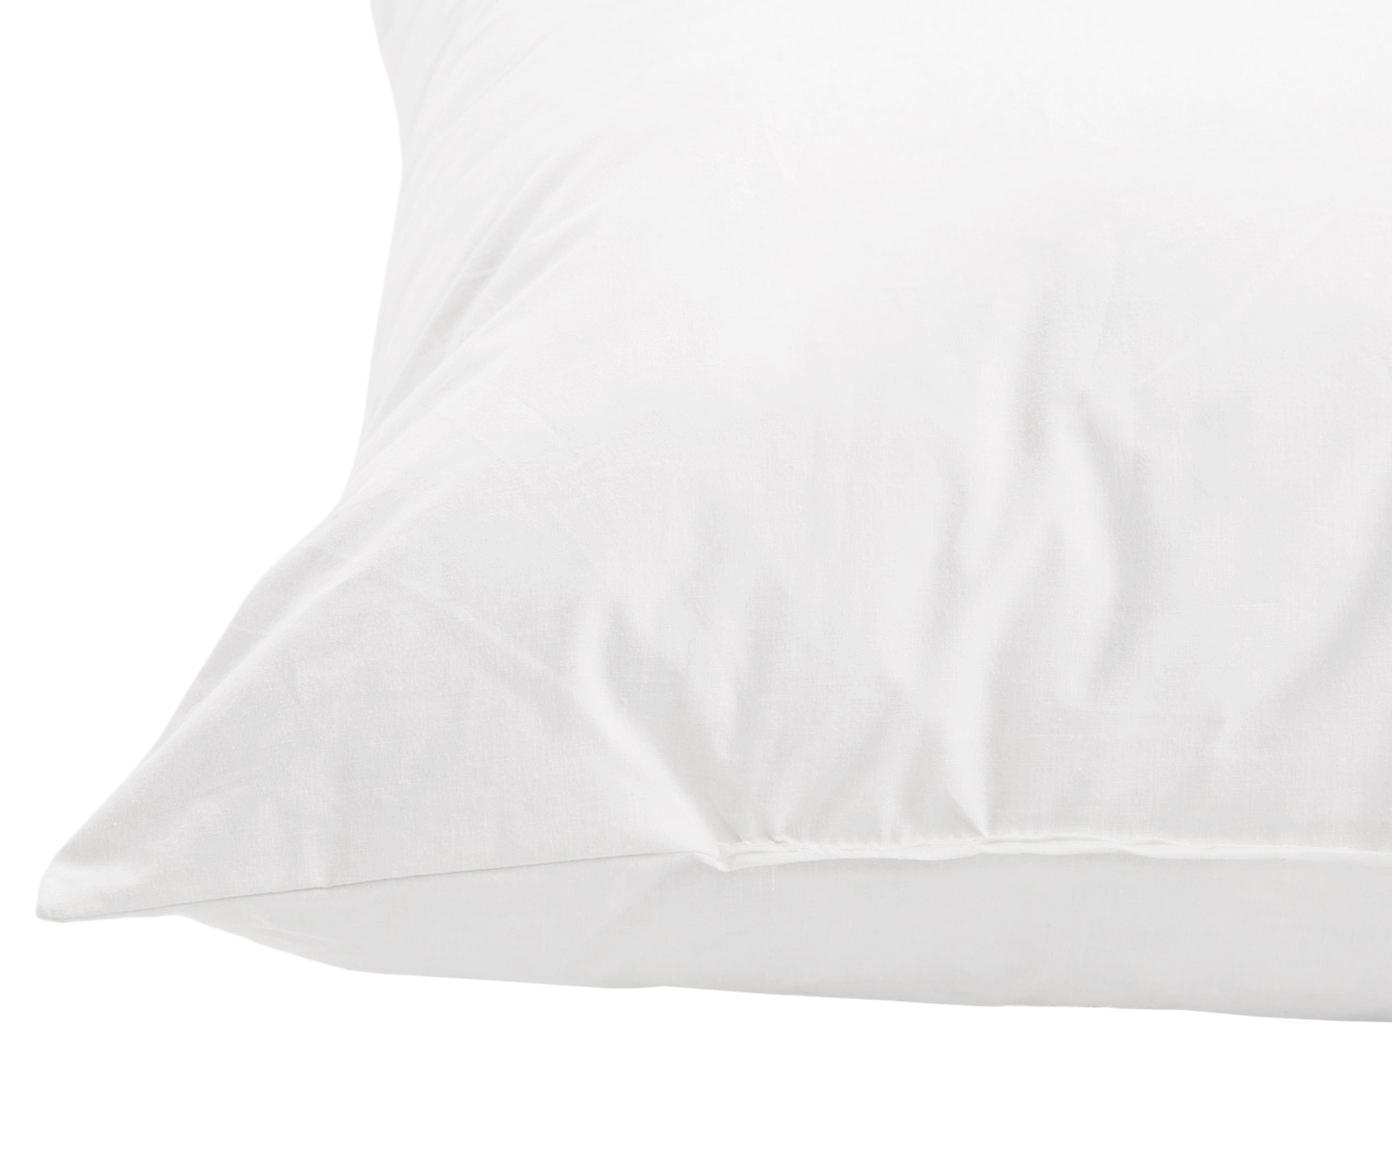 Wypełnienie poduszki dekoracyjnej Premium, 45 x 45, Biały, S 45 x D 45 cm